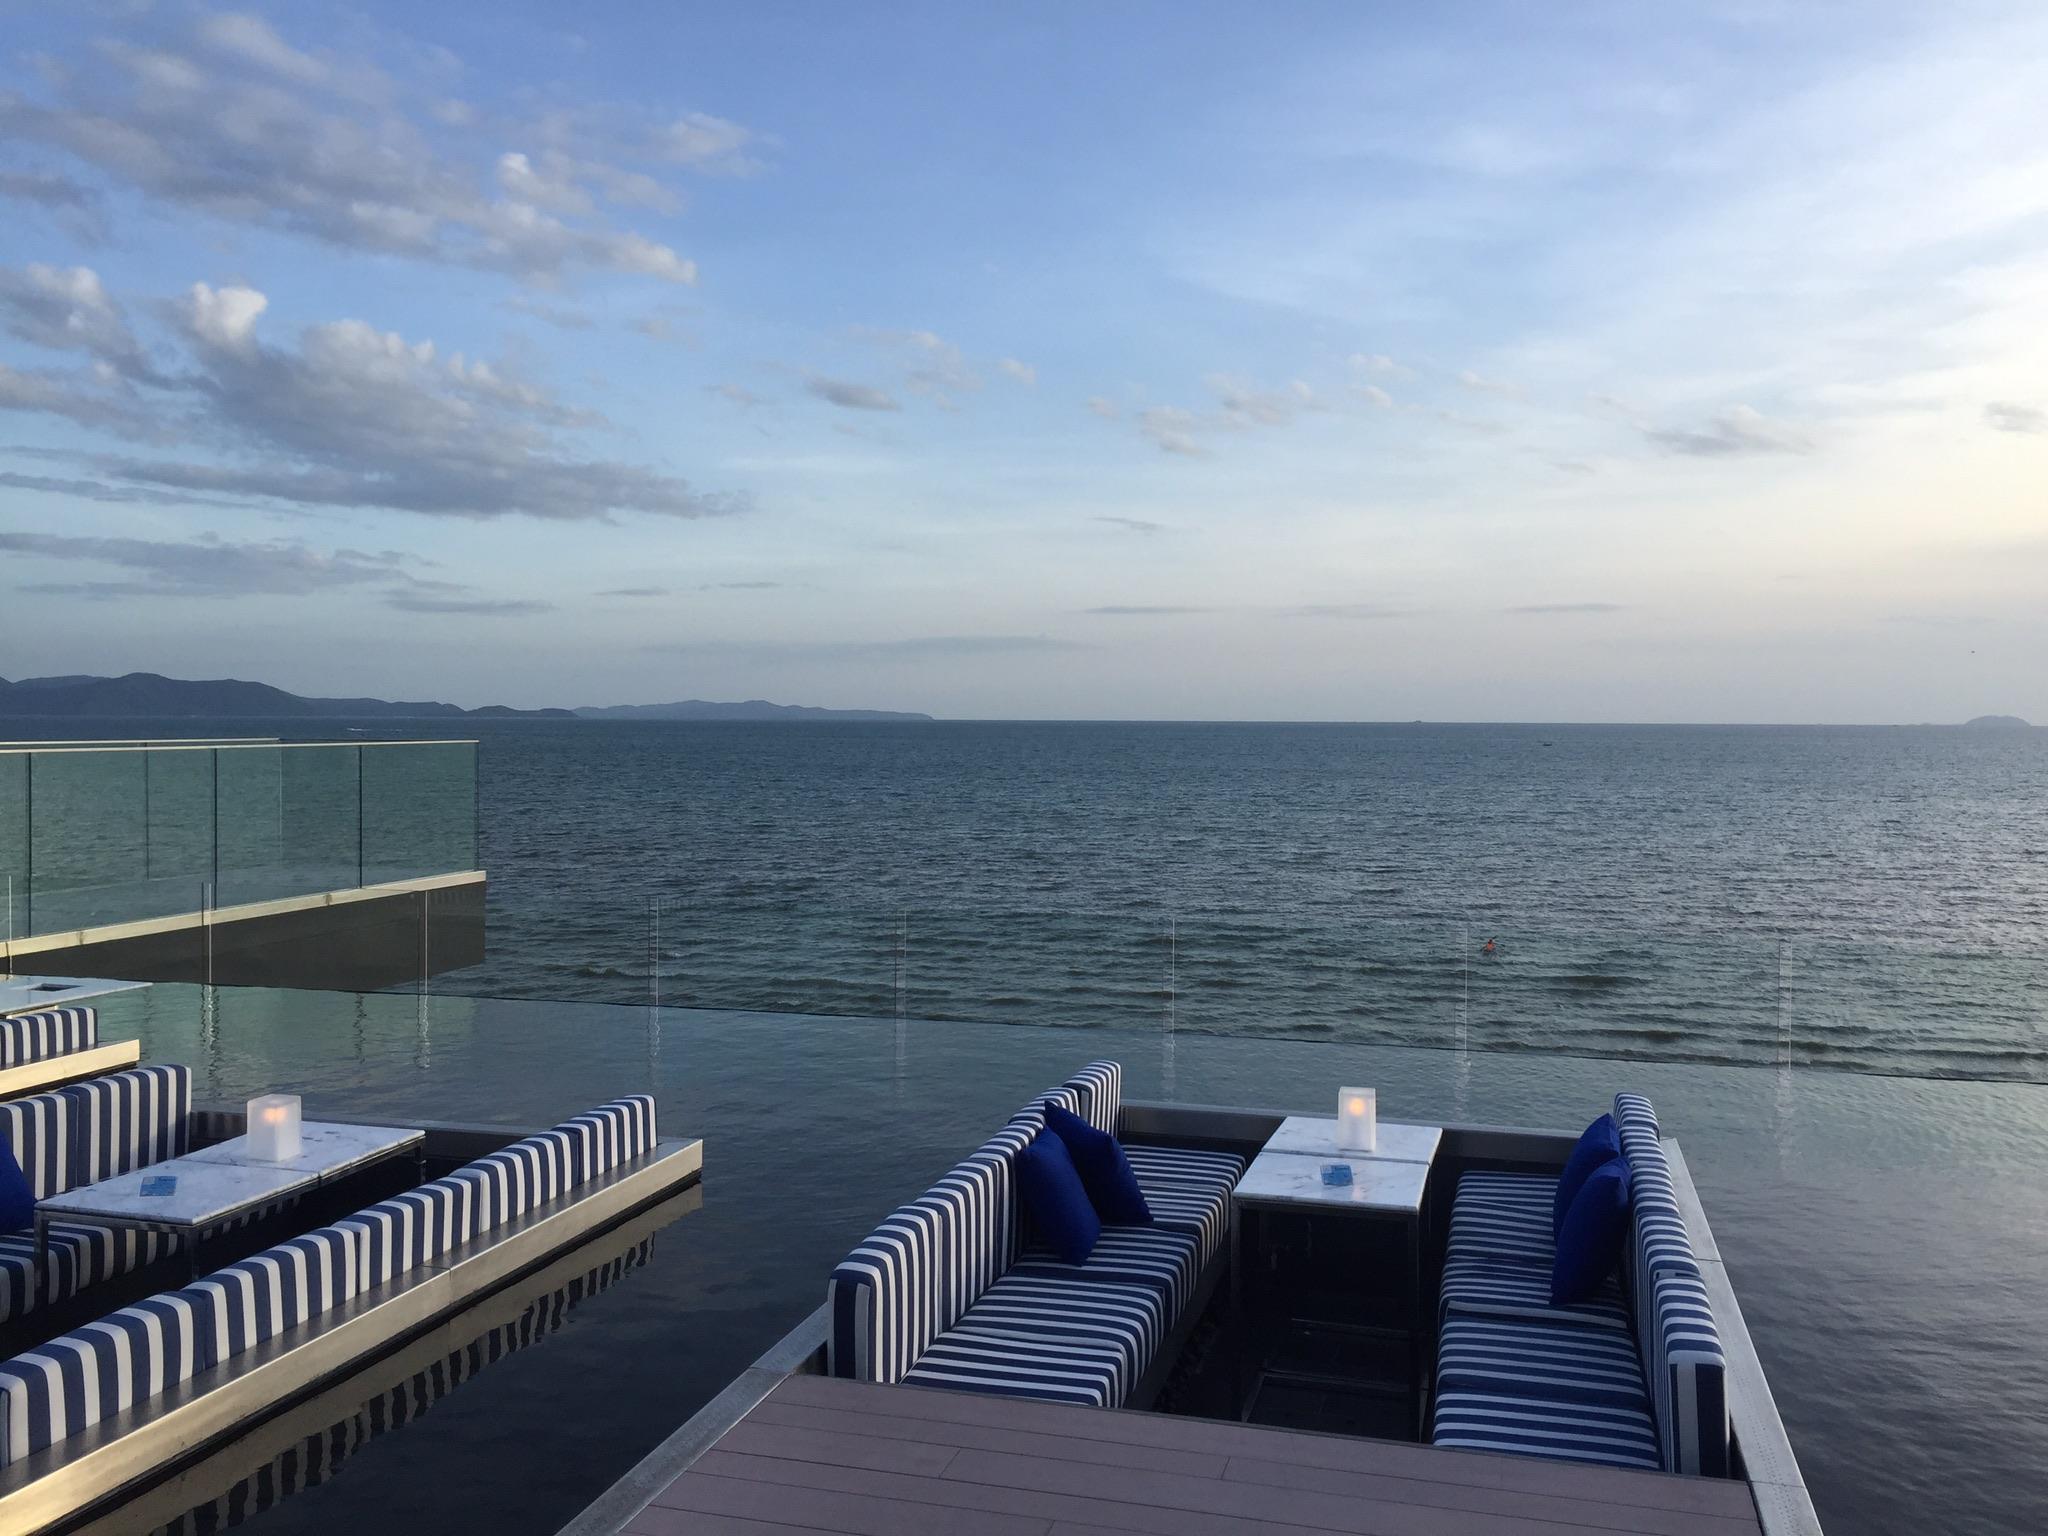 Vr 1 @ Veranda Pattaya Beach By Away